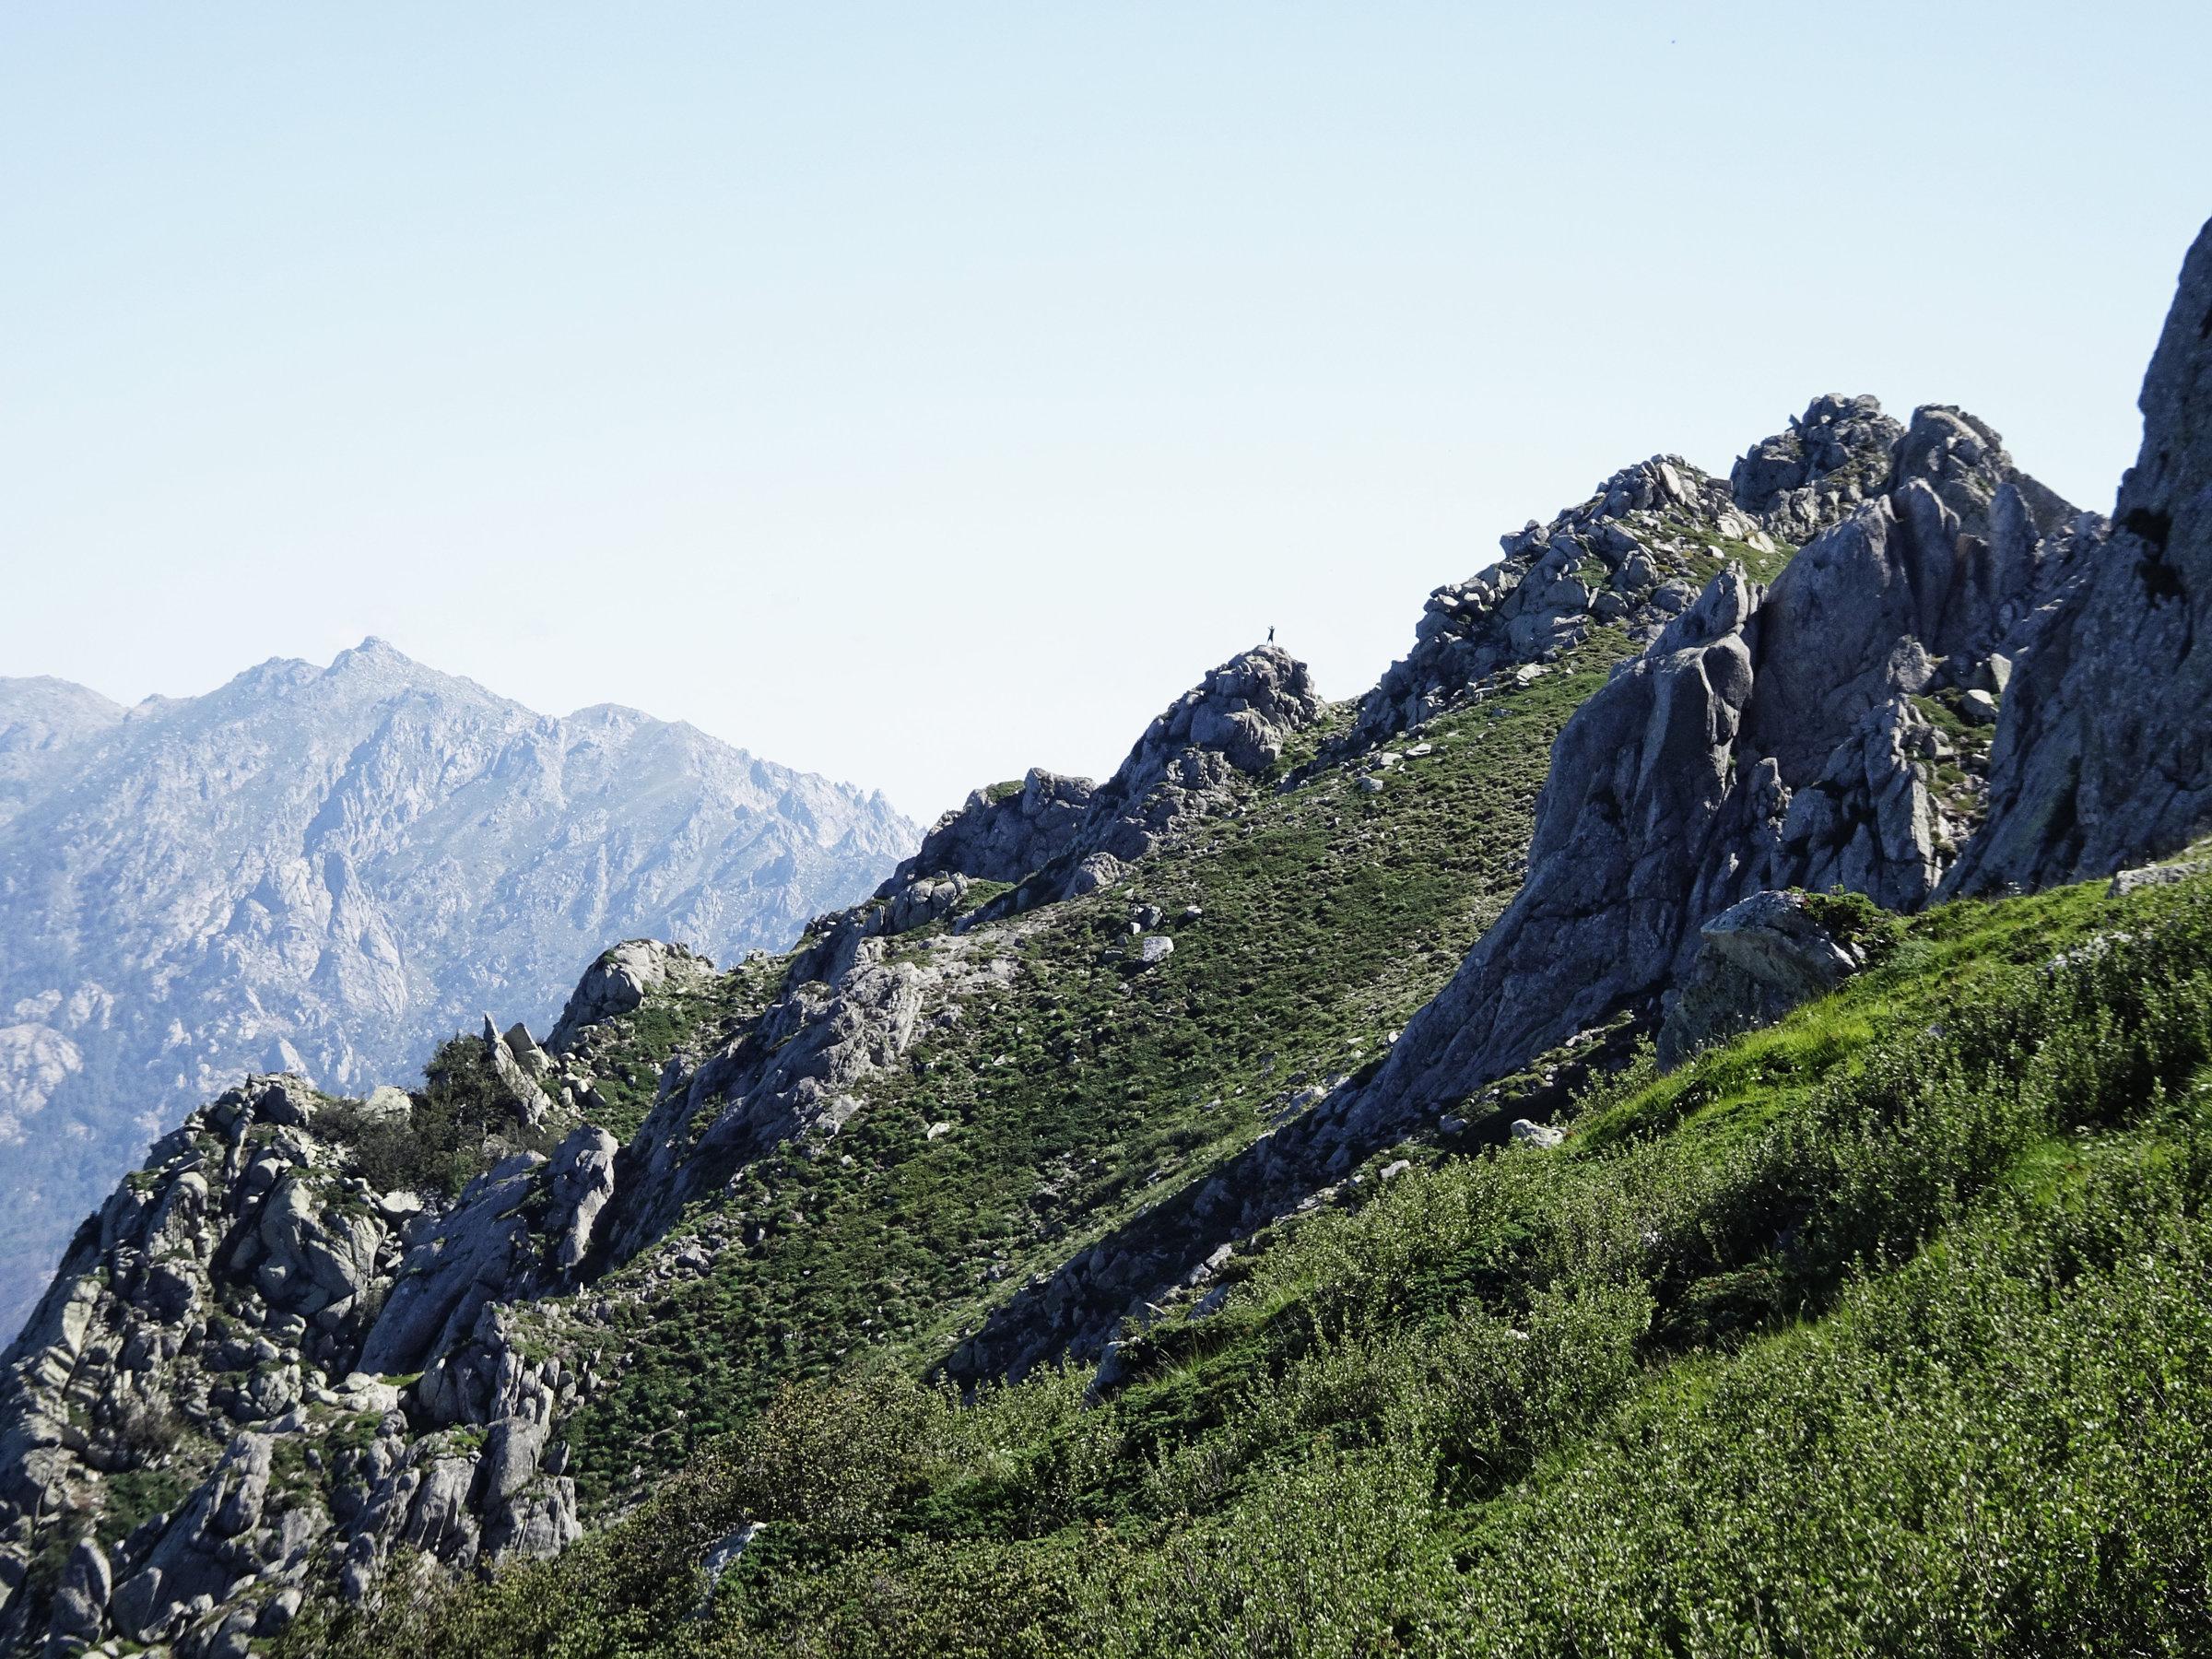 Gratwanderung am Denkmalsgrat, Korsika, GR20 Weitwanderweg, Wandern, Berge, Frankreich